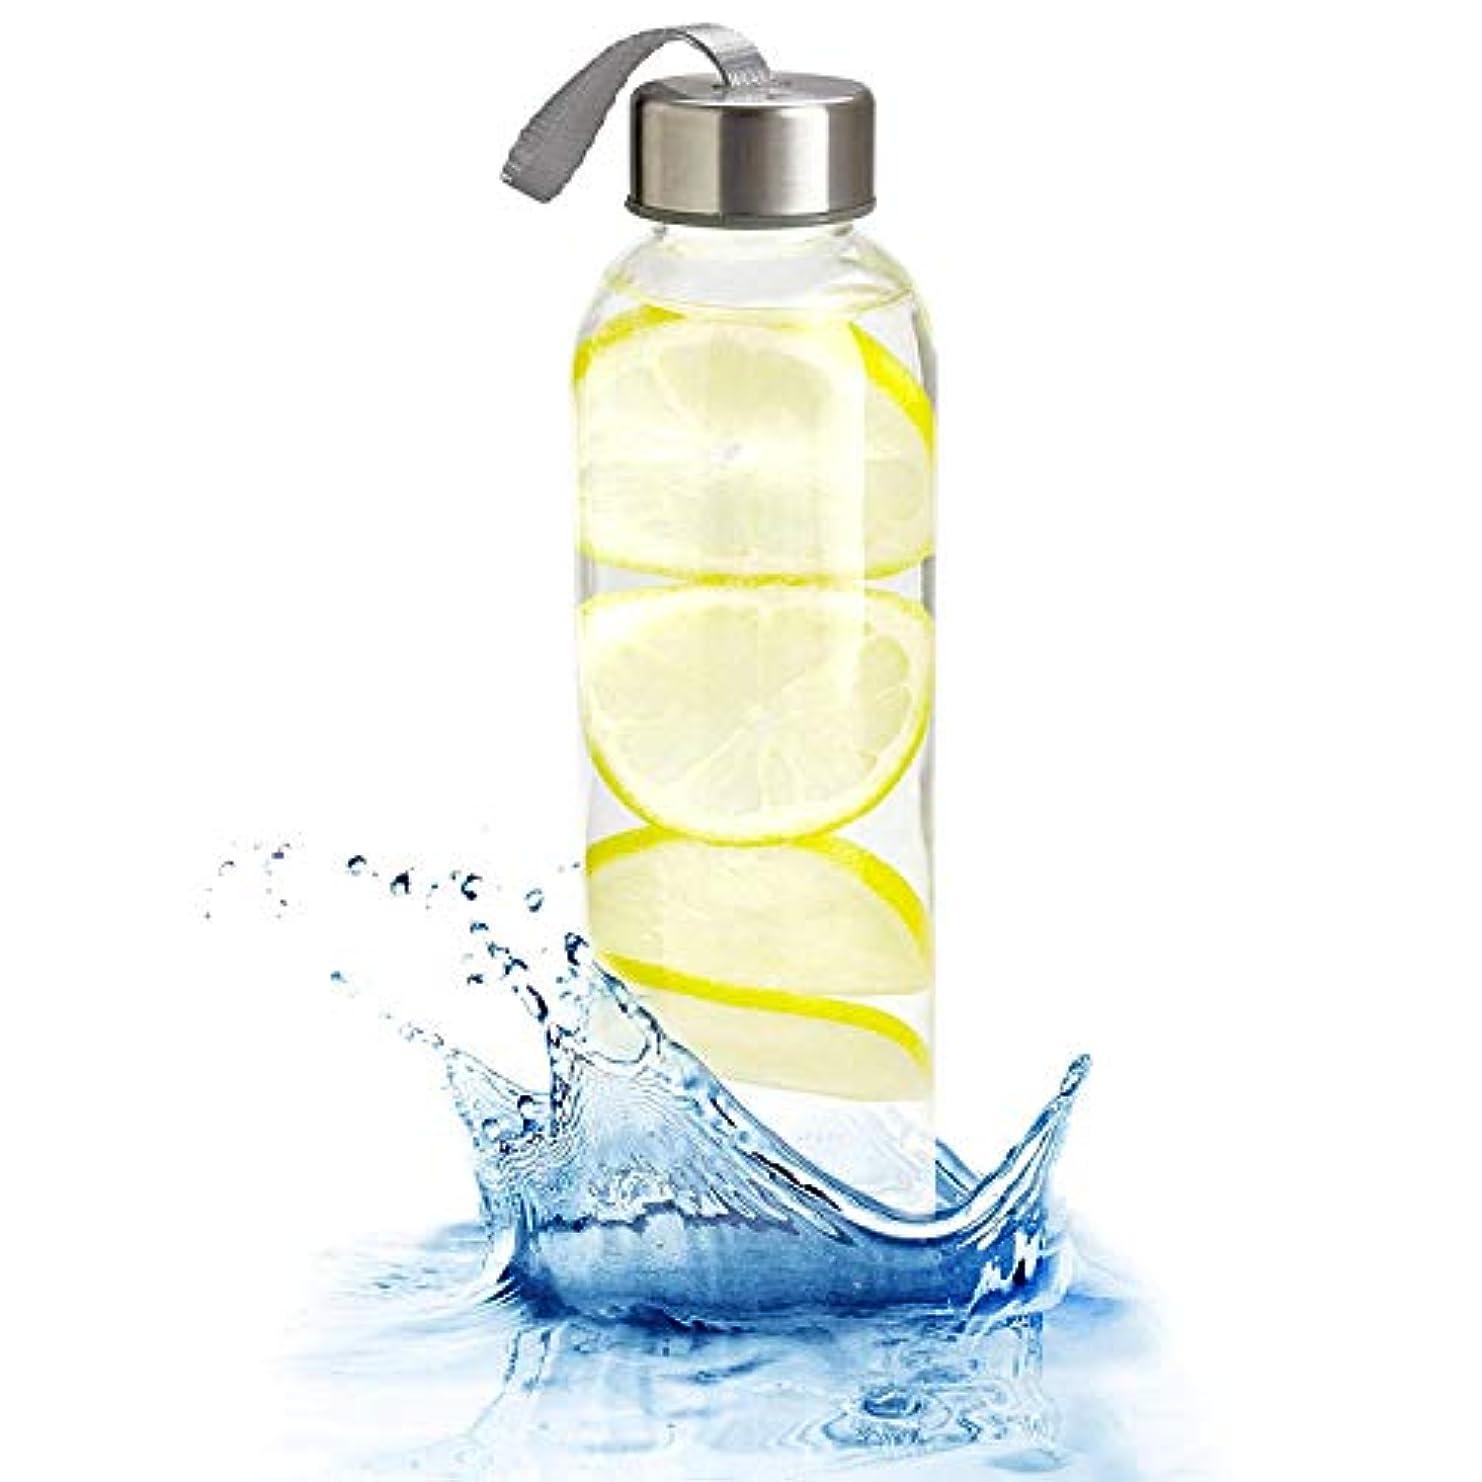 光沢あいさつ絶対のKitchen Lux ガラスウォーターボトル 18オンス ナイロン保護スリーブ 密閉ねじ蓋 ポータブルキャリーループ 鉛 ポリ塩化ビニル BPAフリー 水 スムージー ジューサー 飲料用グラス